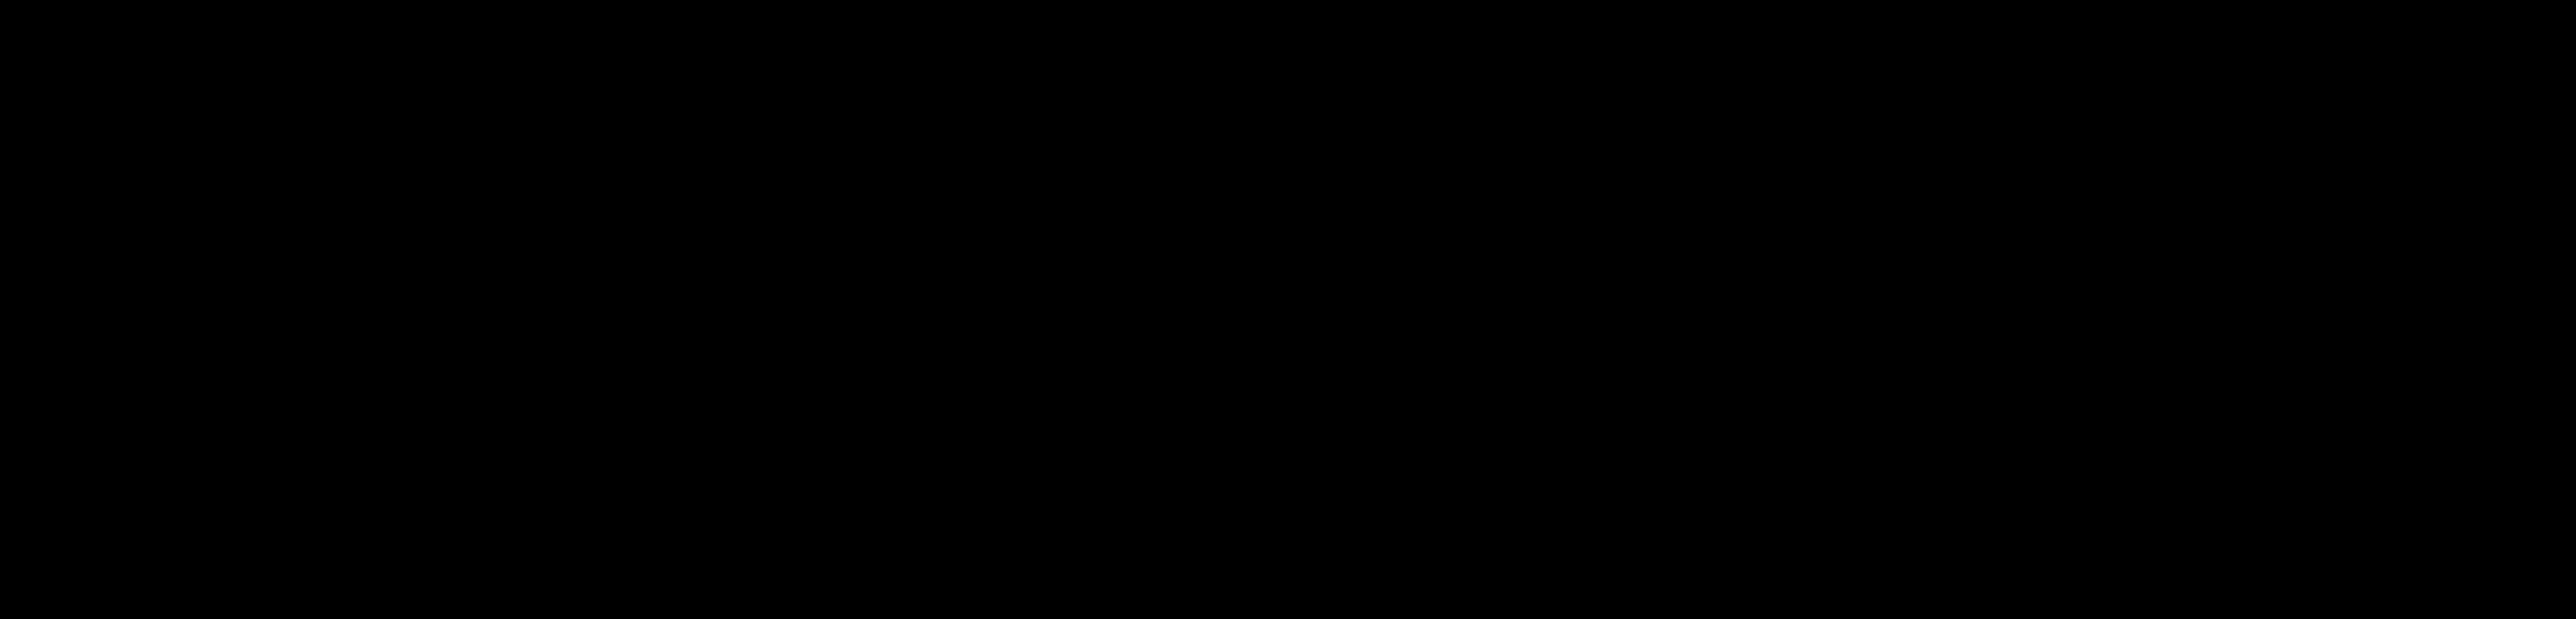 Biotin-XX-hydrazide